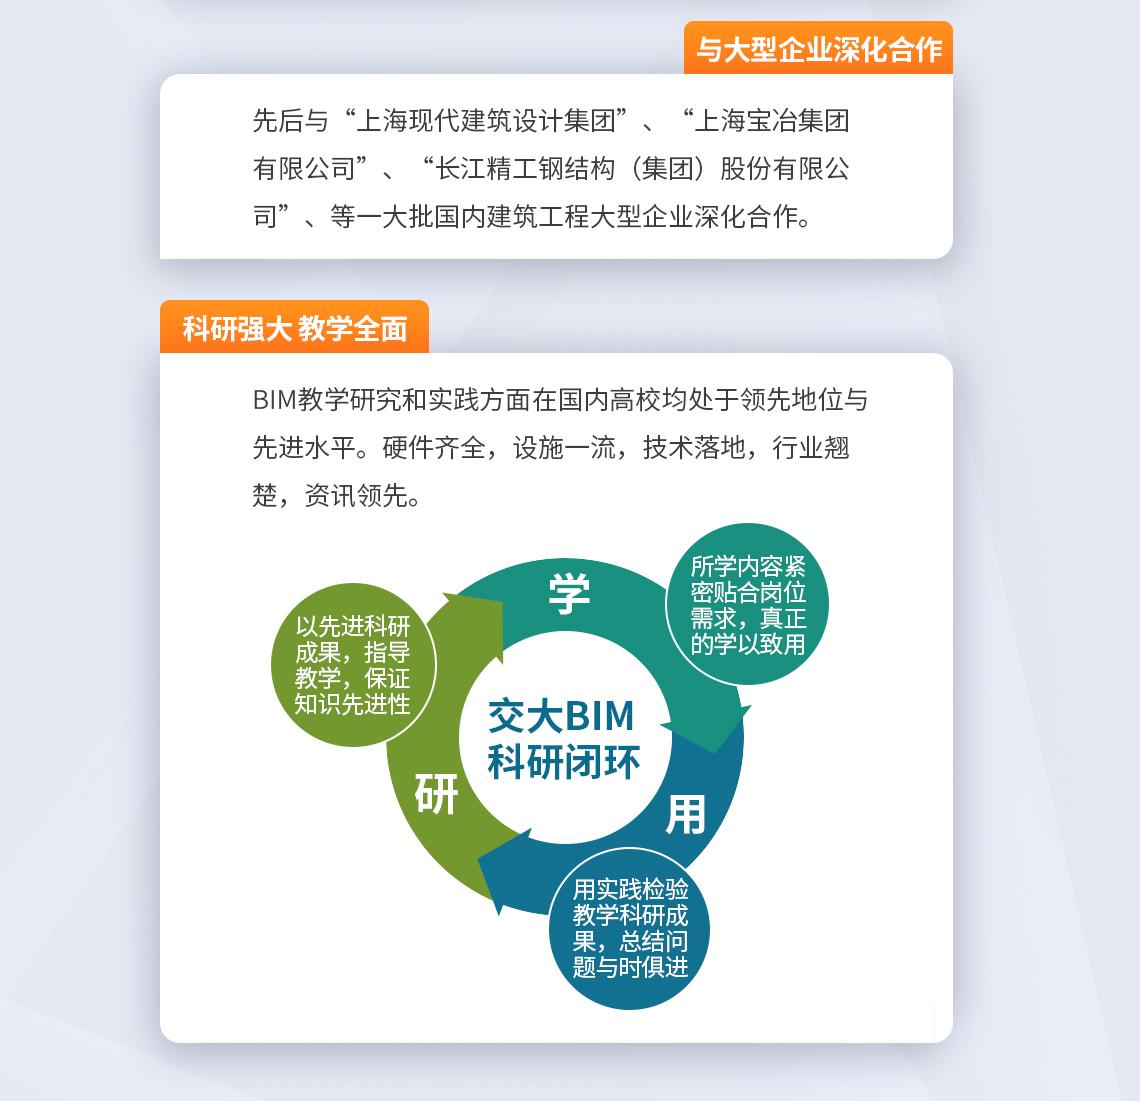 与大型企业深化合作 先后与上海现代建筑设计集团、上海宝冶集团有限公司、长江精工钢结构(集团)股份有限公司等一大批国内建筑工程大型企业深化合作。 科研强大 教学全面 BIM教学研究和实践方面在国内高校均处于领先地位和先进水平。硬件齐全,设施一流,技术落地,行业翘楚,资讯领先。